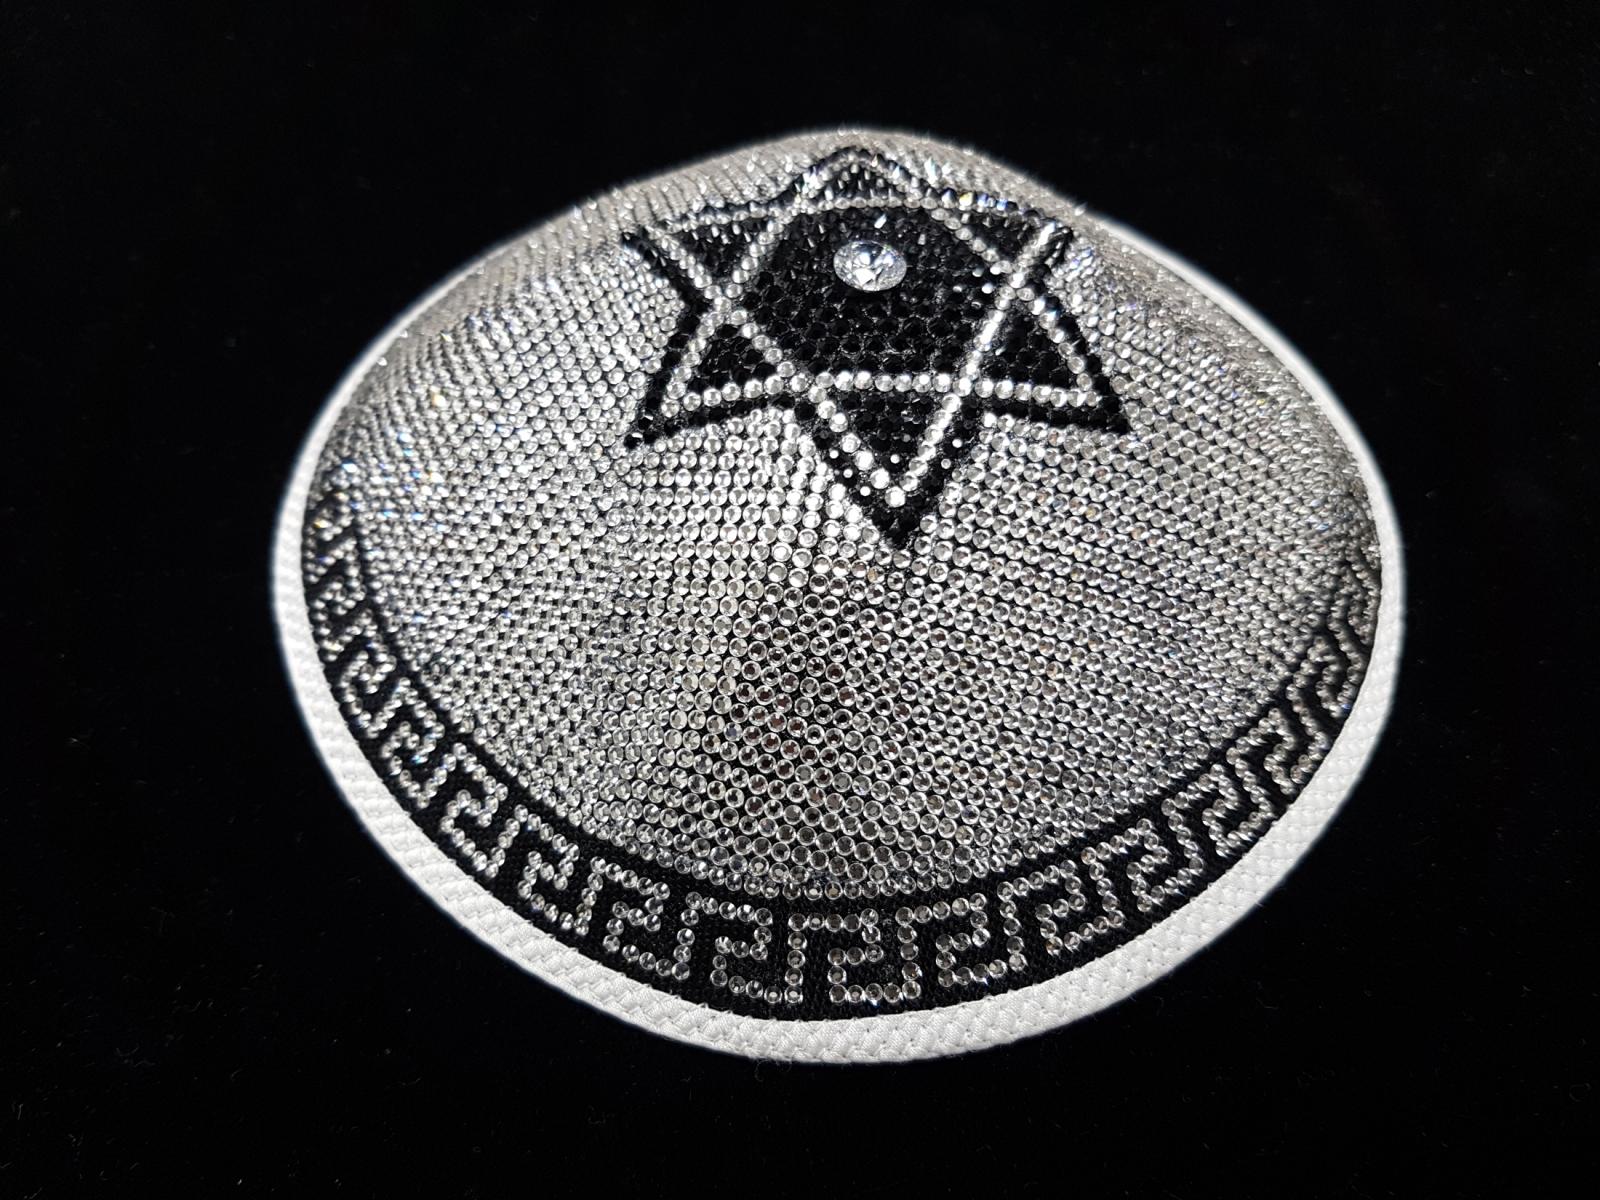 World's Most Precious Yarmulke